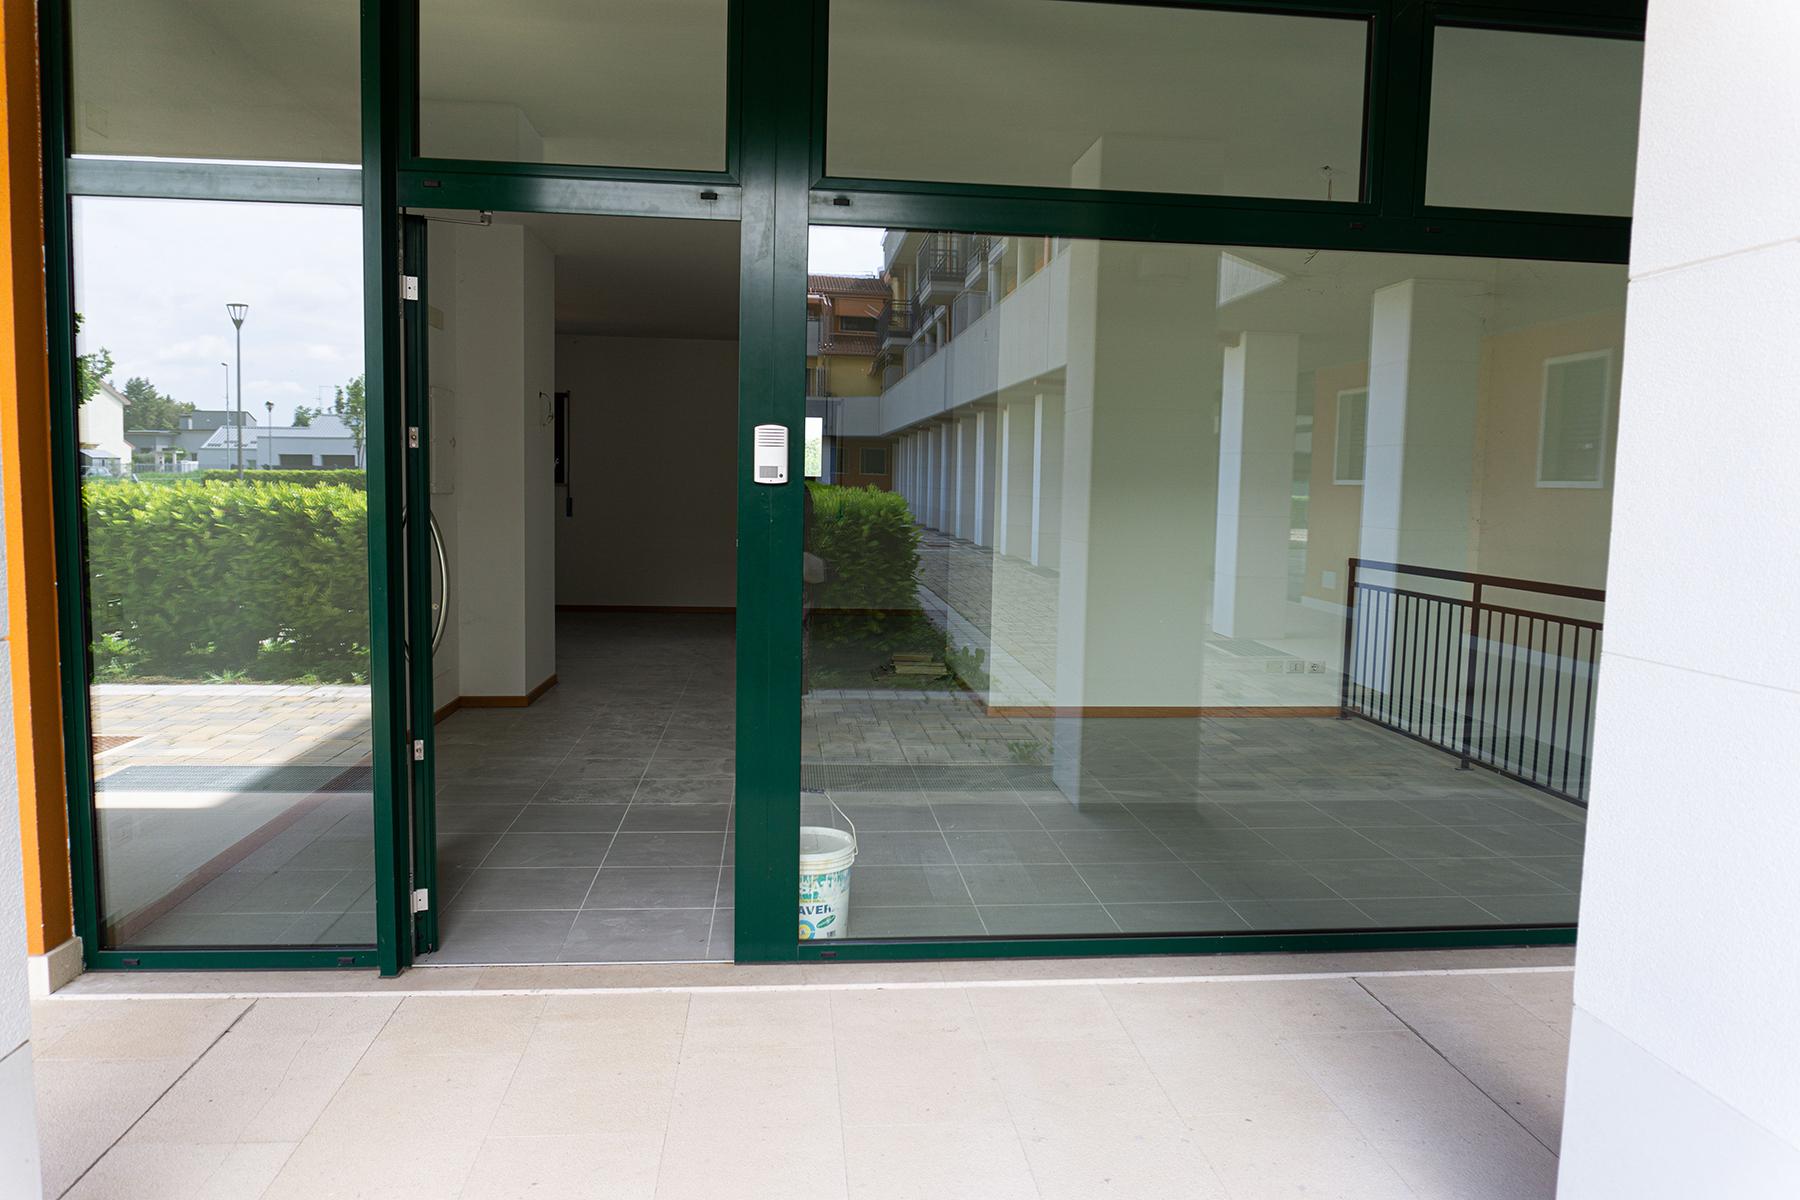 Vendita negozio C093 SANTA MARIA DI ZEVIO - NEGOZIO UFFICIO